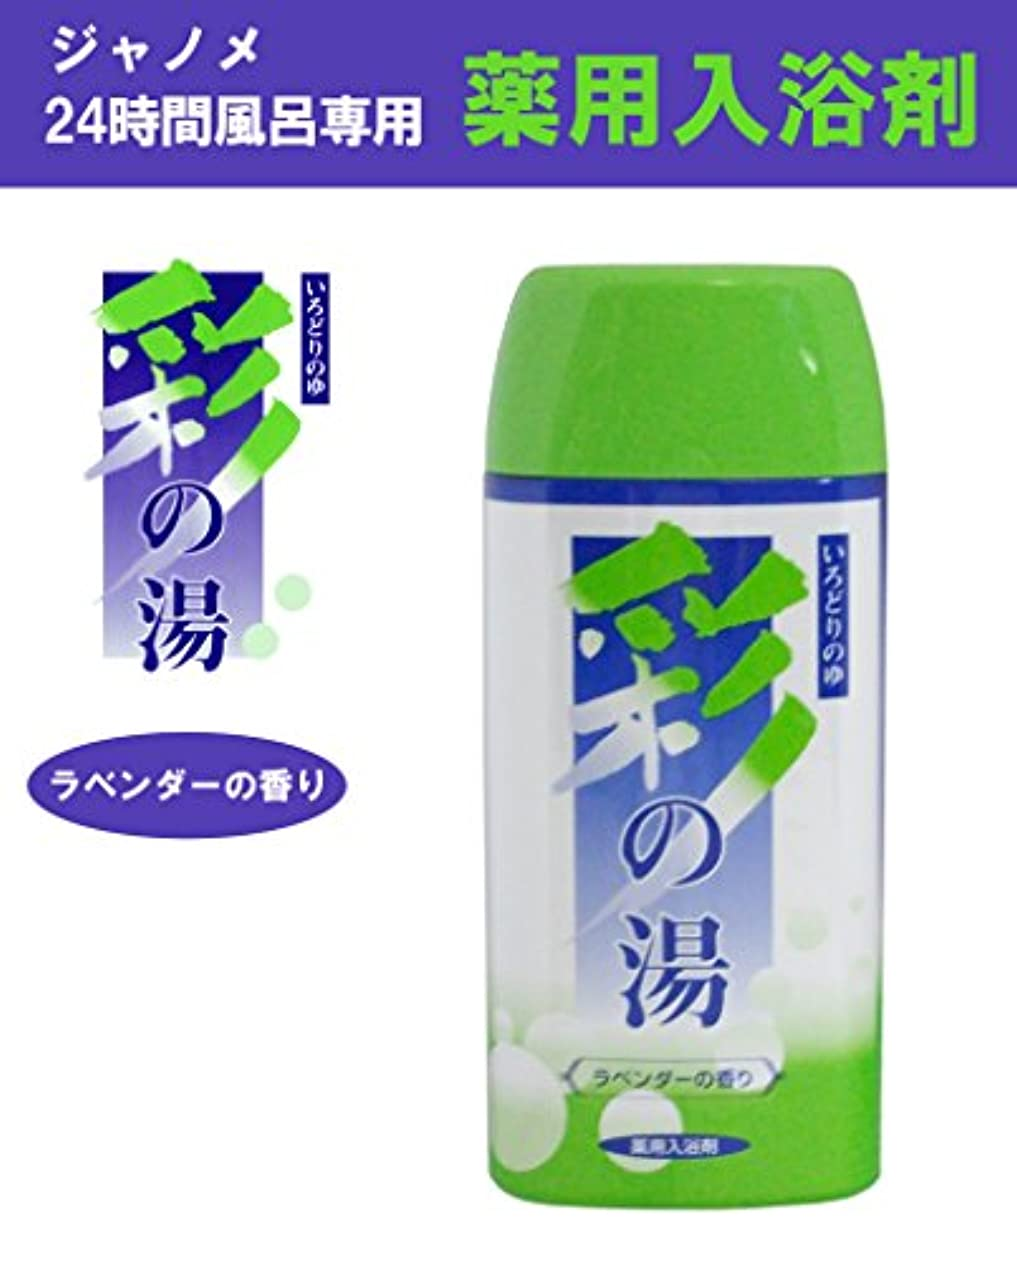 で楽しむ多用途ジャノメ 彩の湯 (24時間風呂専用 薬用入浴剤 ラベンダーの香り )